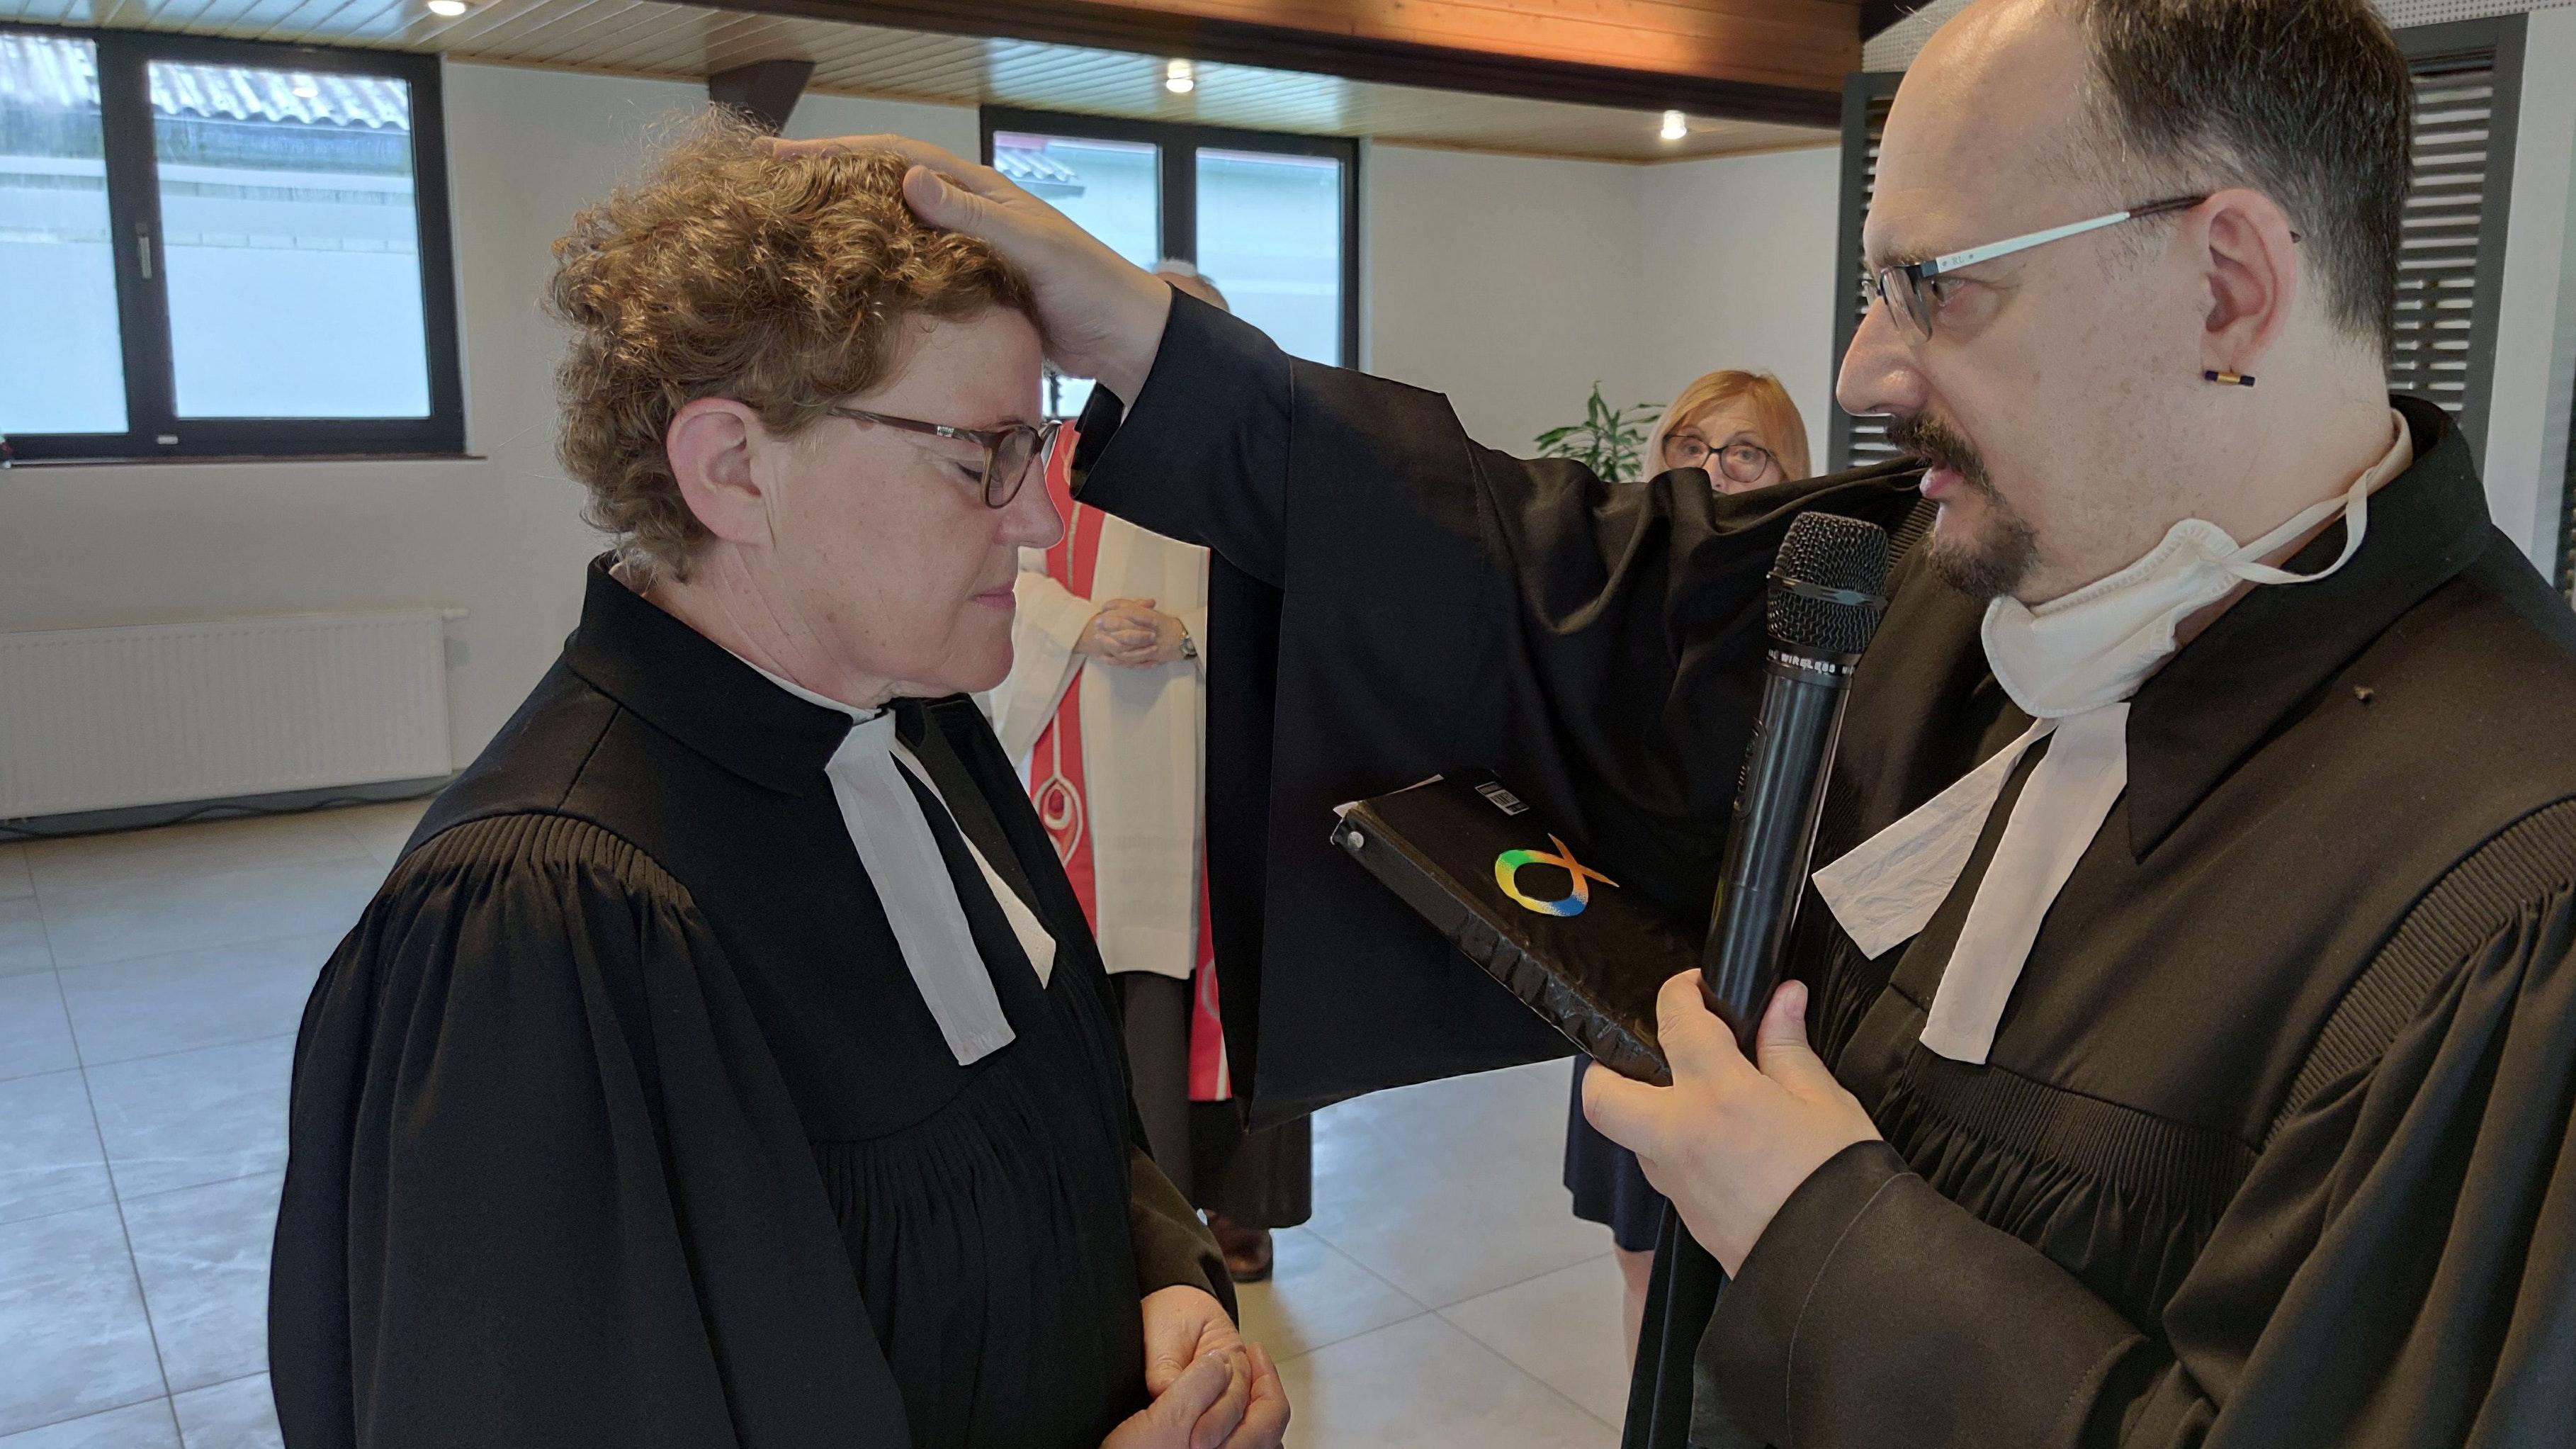 """Segen zum Abschied: Pfarrerin Kerstin von Stuckrad wechselt in den Ruhestand, Neuenkirchens Pfarrer Dr. Kurt Paesler wird nun """"halb"""" auch für Fladderlohausen zuständig. Foto: Röttgers"""